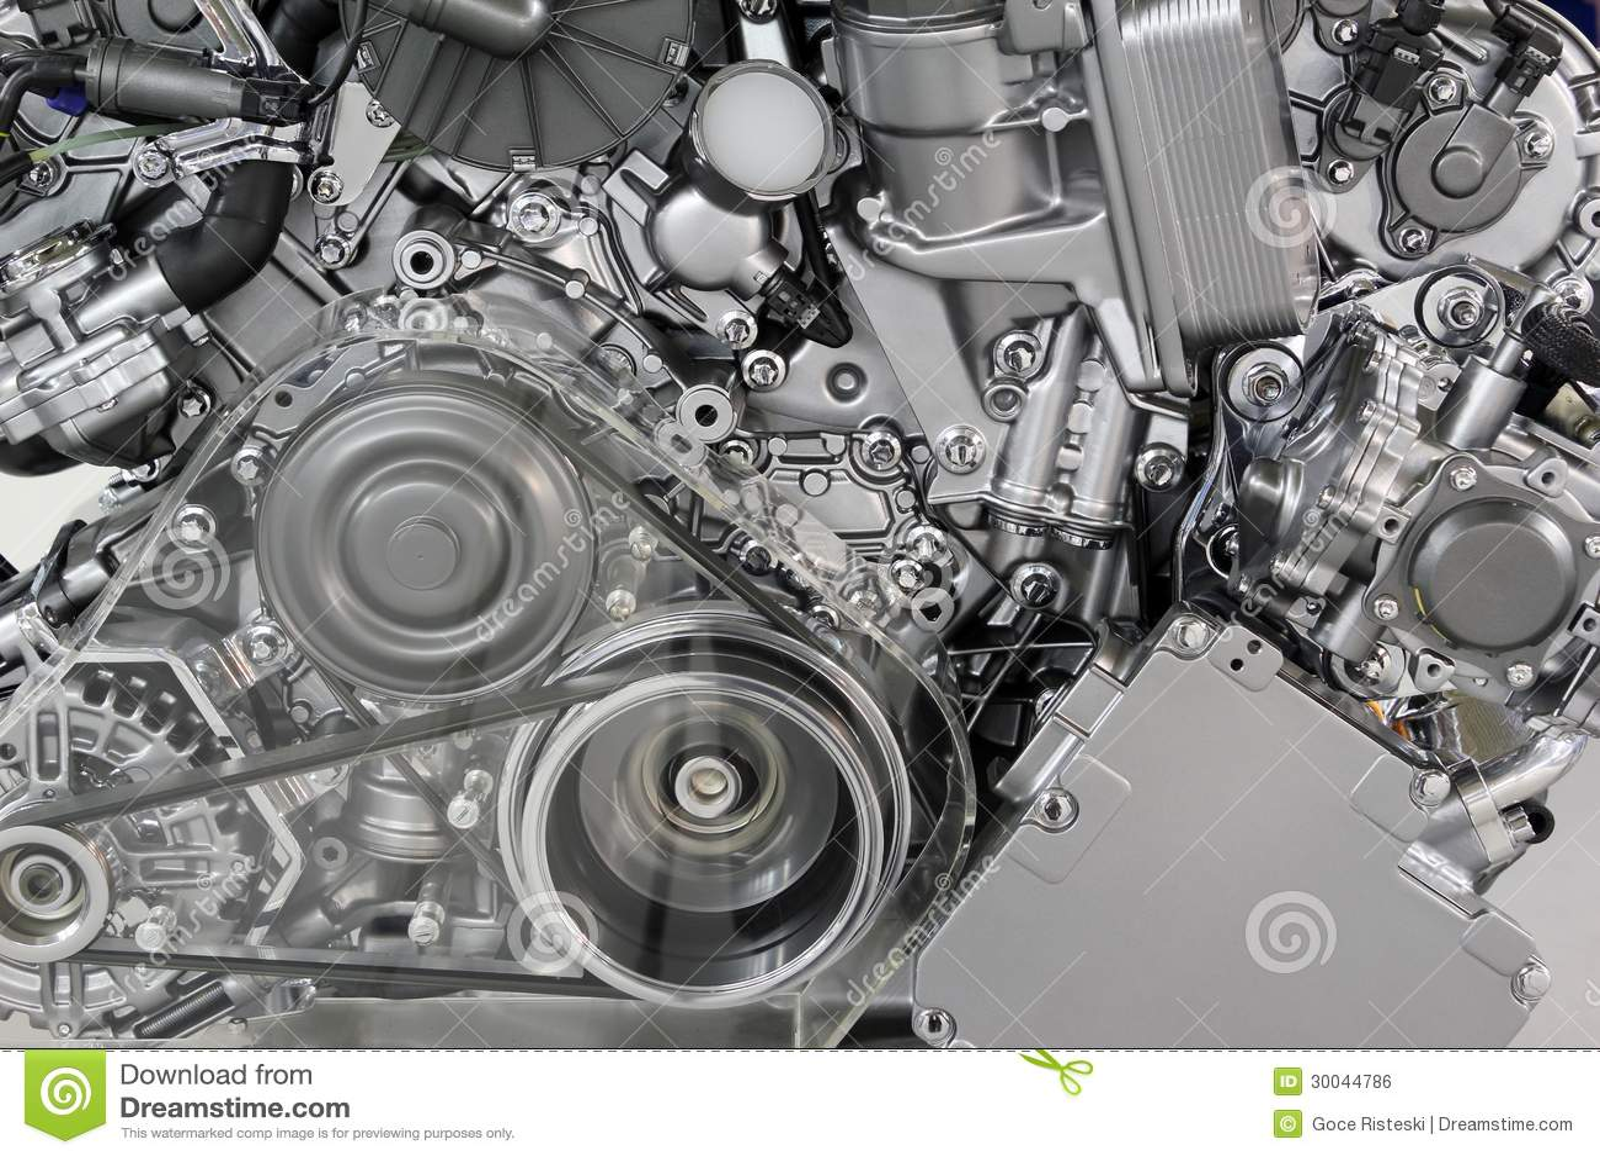 de riem en de toestellen van de motor van een auto stock foto